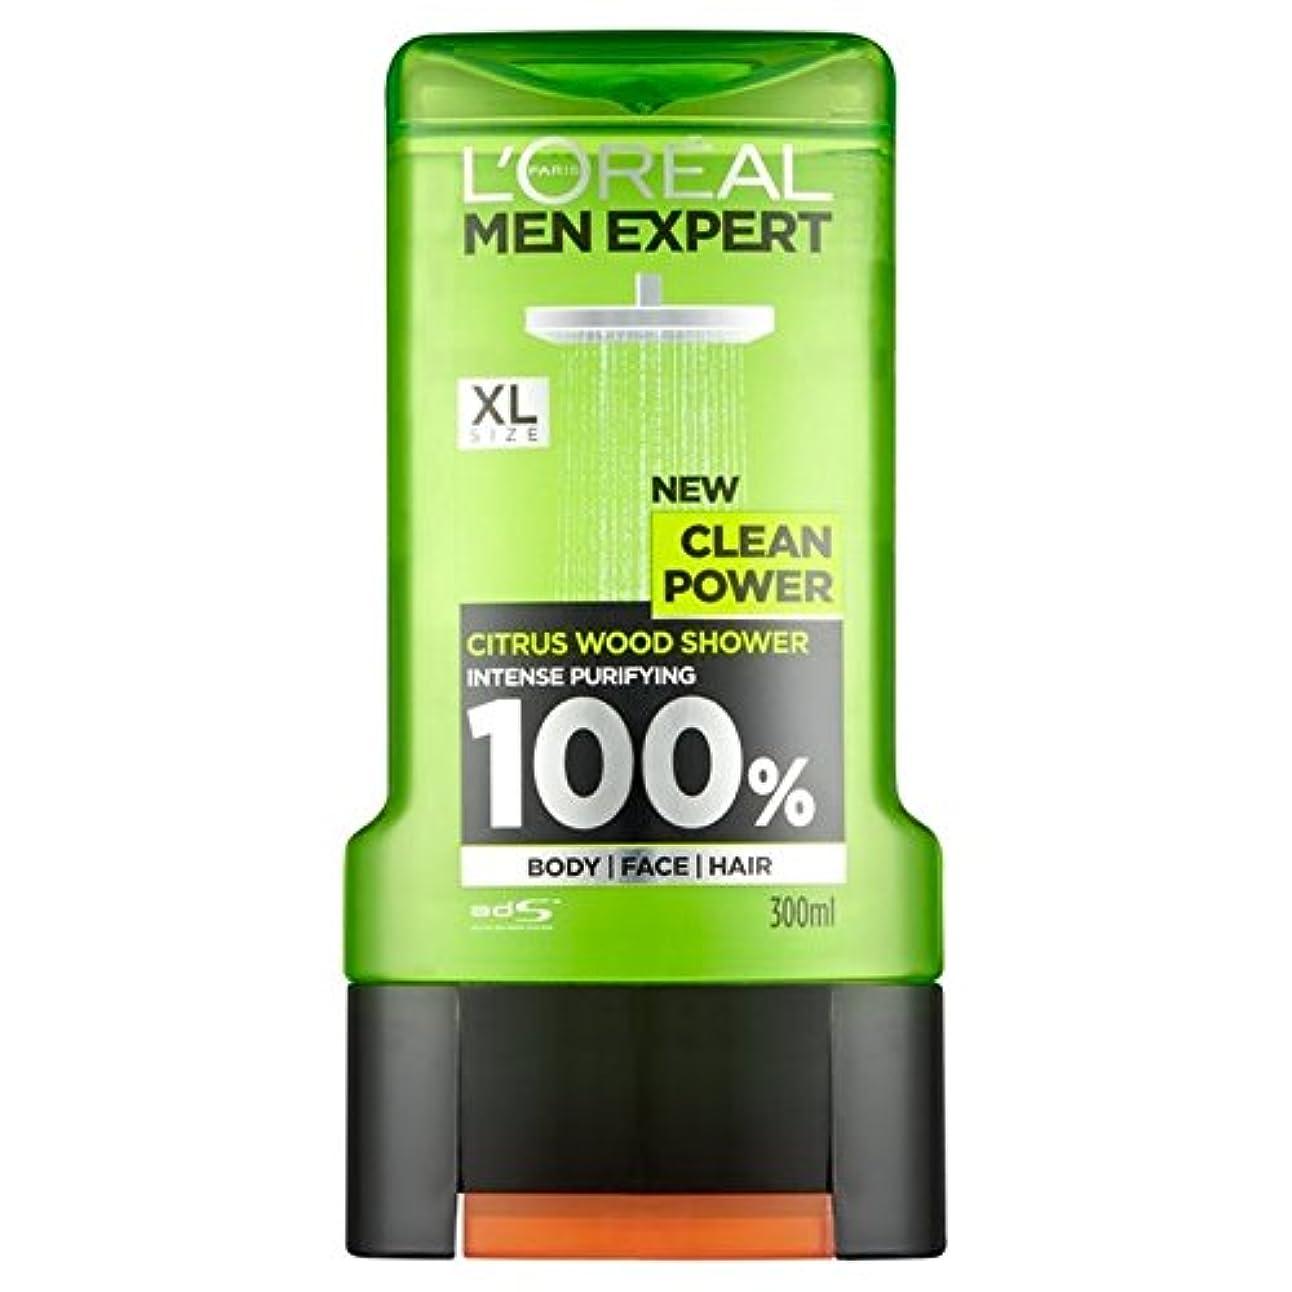 かけがえのない棚誘惑ロレアルパリの男性の専門家クリーンパワーシャワージェル300ミリリットル x4 - L'Oreal Paris Men Expert Clean Power Shower Gel 300ml (Pack of 4) [並行輸入品]